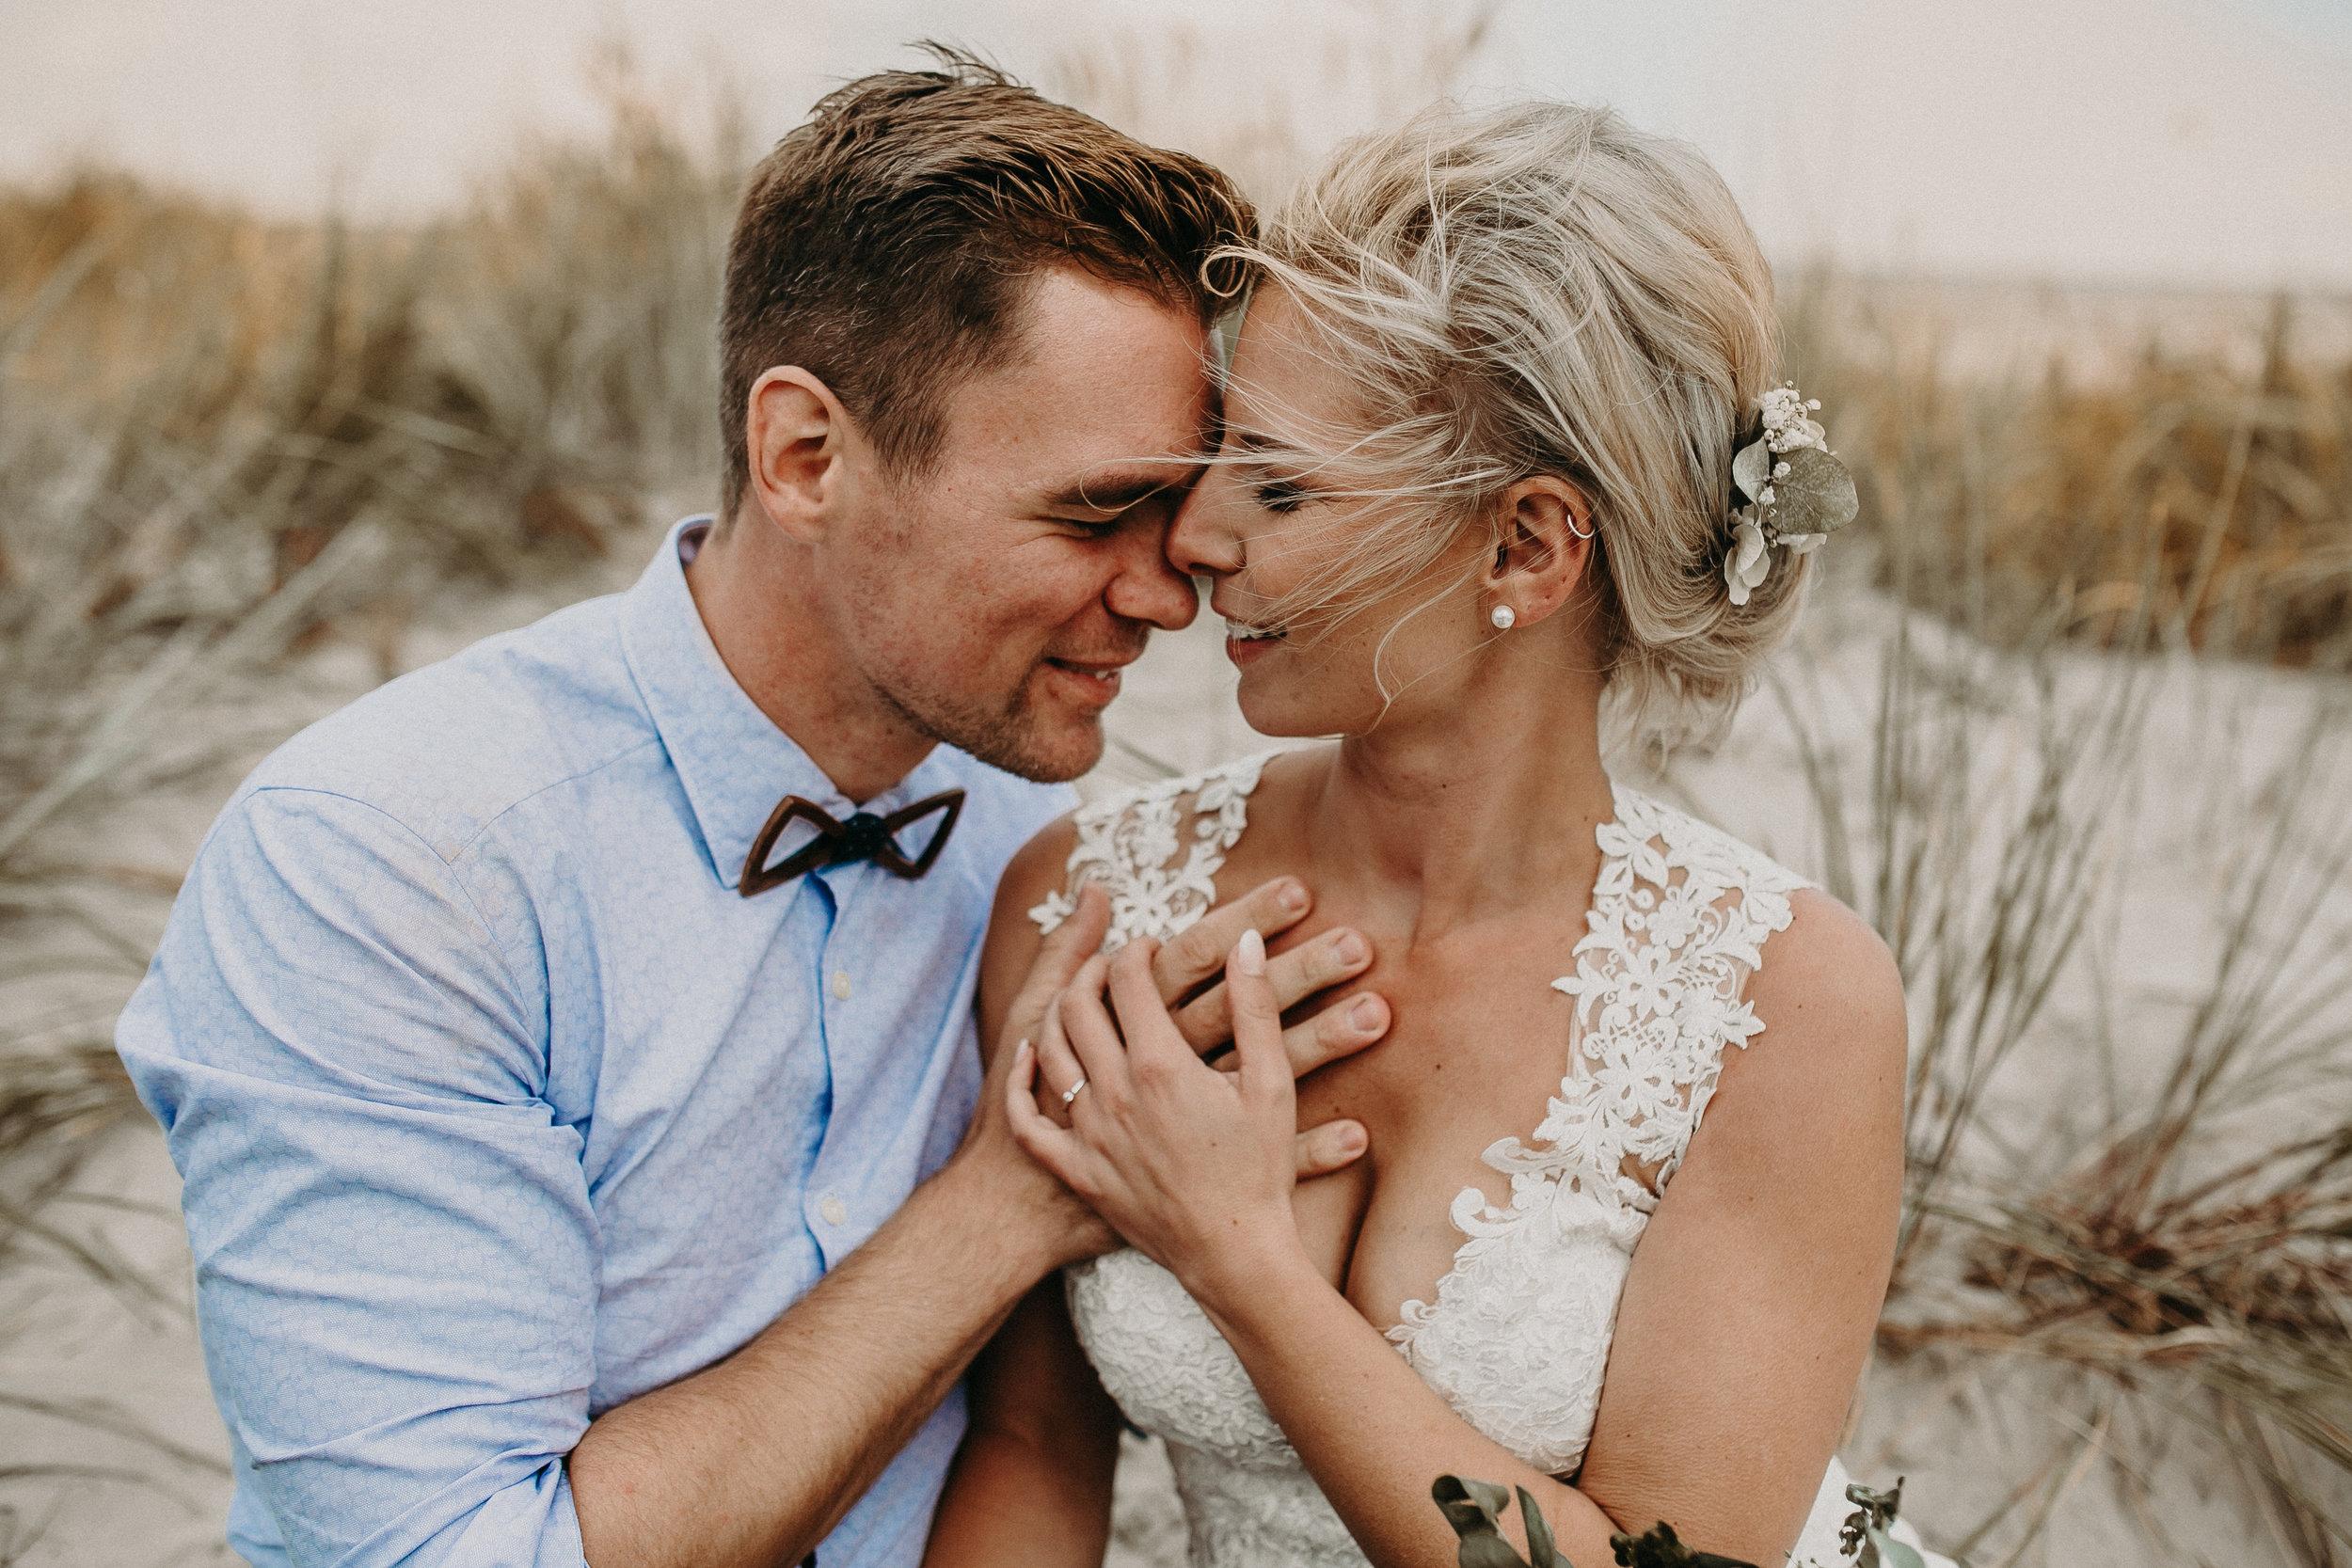 nordsee - Brautpaarshooting am strand von schillig - Mandy+Dominik